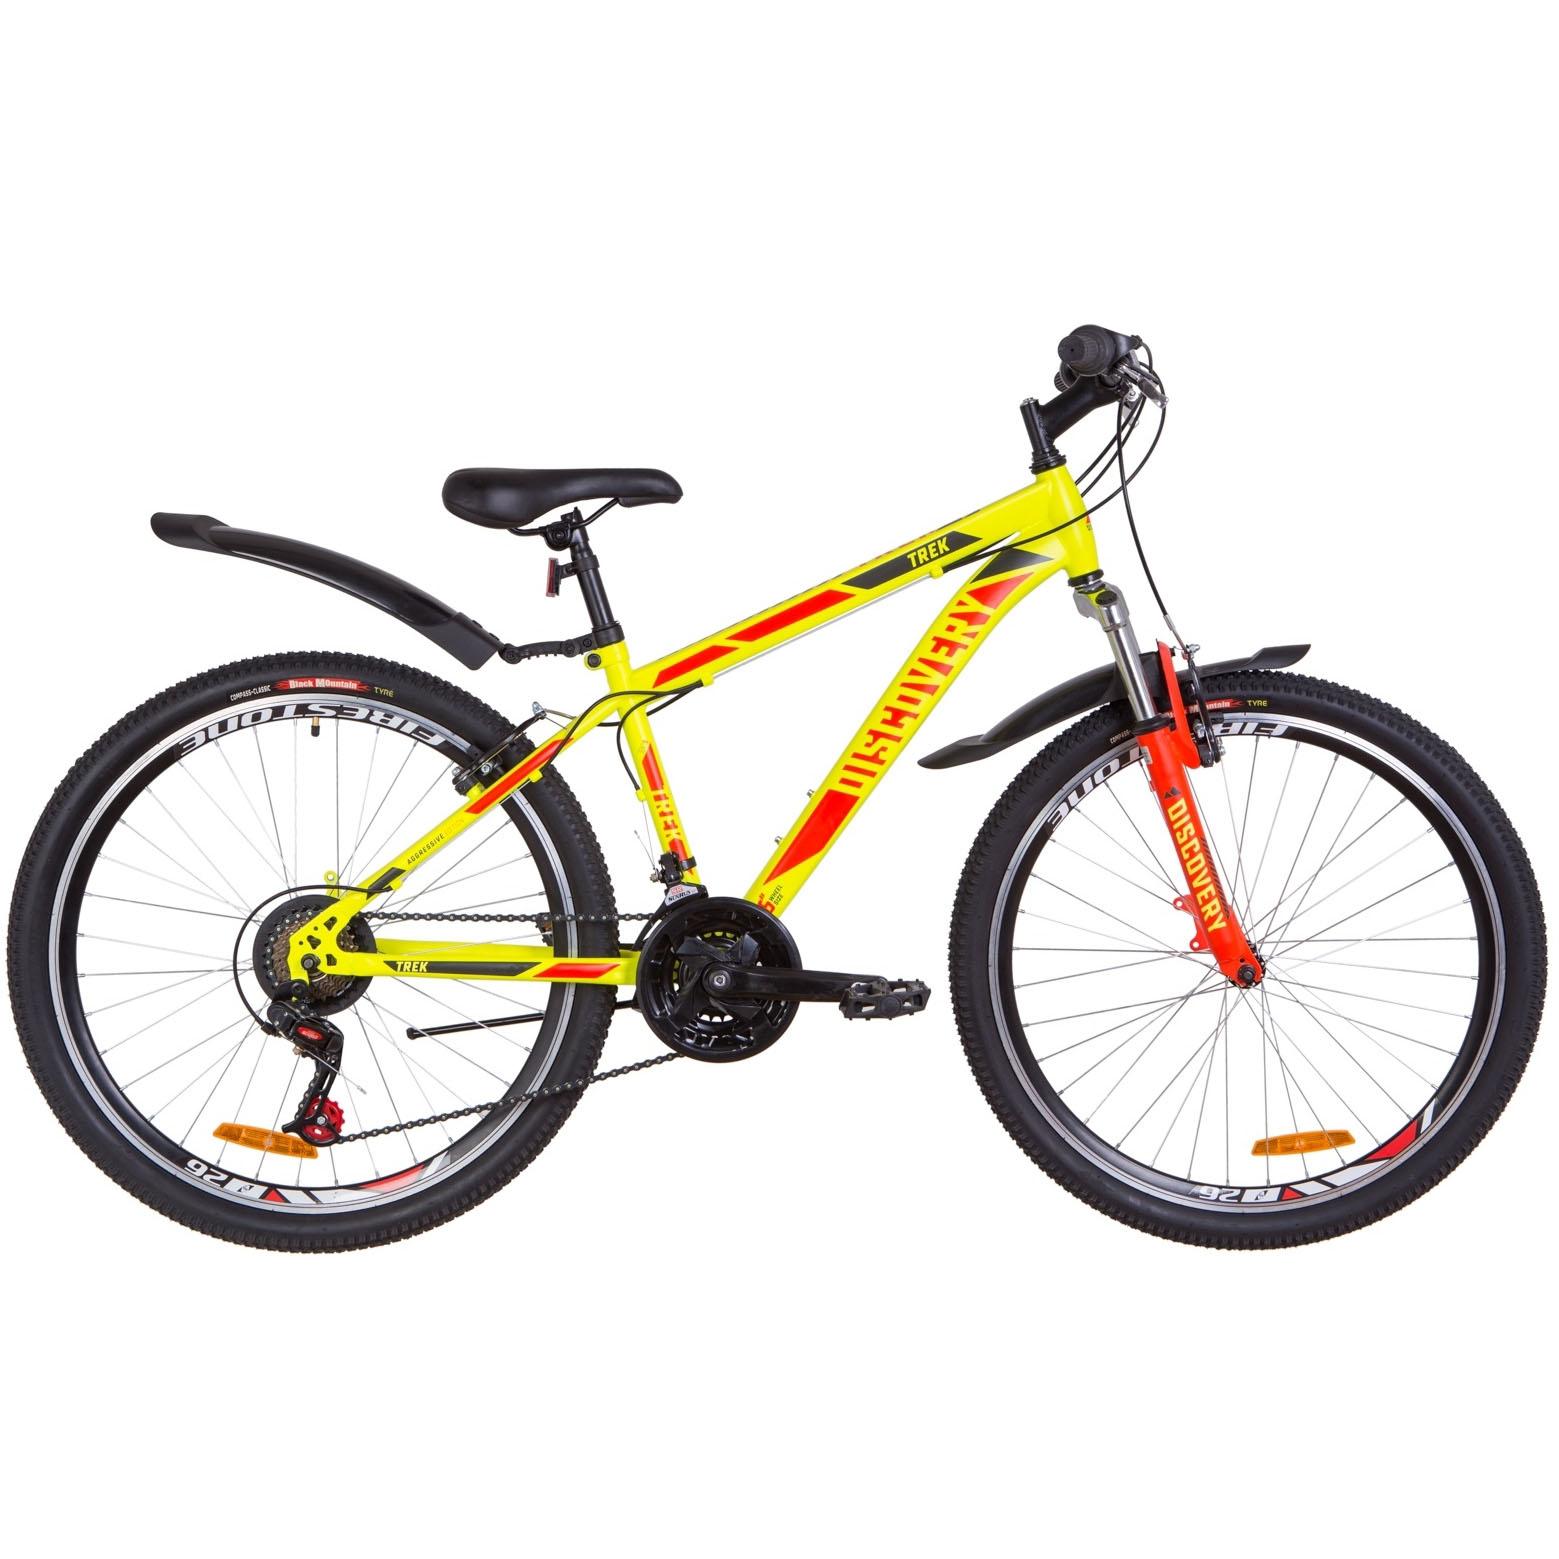 Фото Подростковый Горный Велосипед 26 Discovery TREK рама-18″  малахитовый с желтым (м) 2019